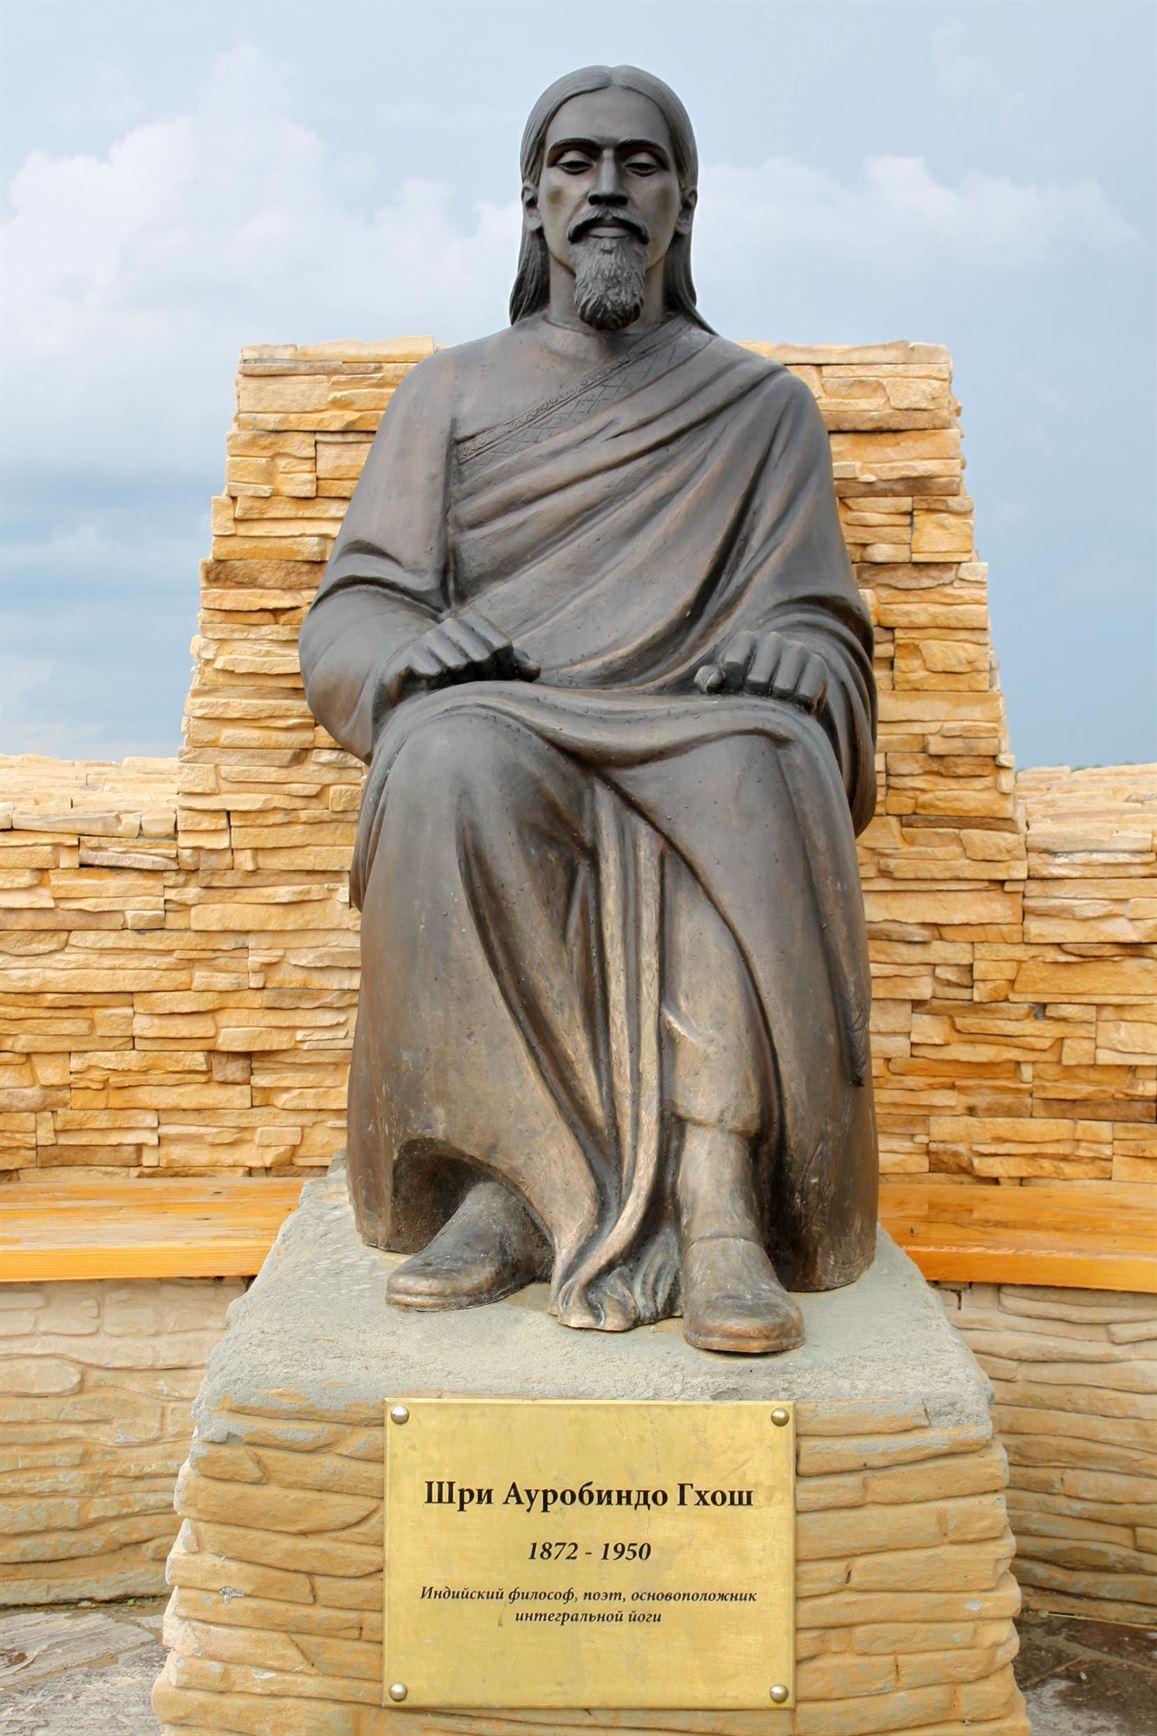 Памятник Шри Ауробиндо Гхош